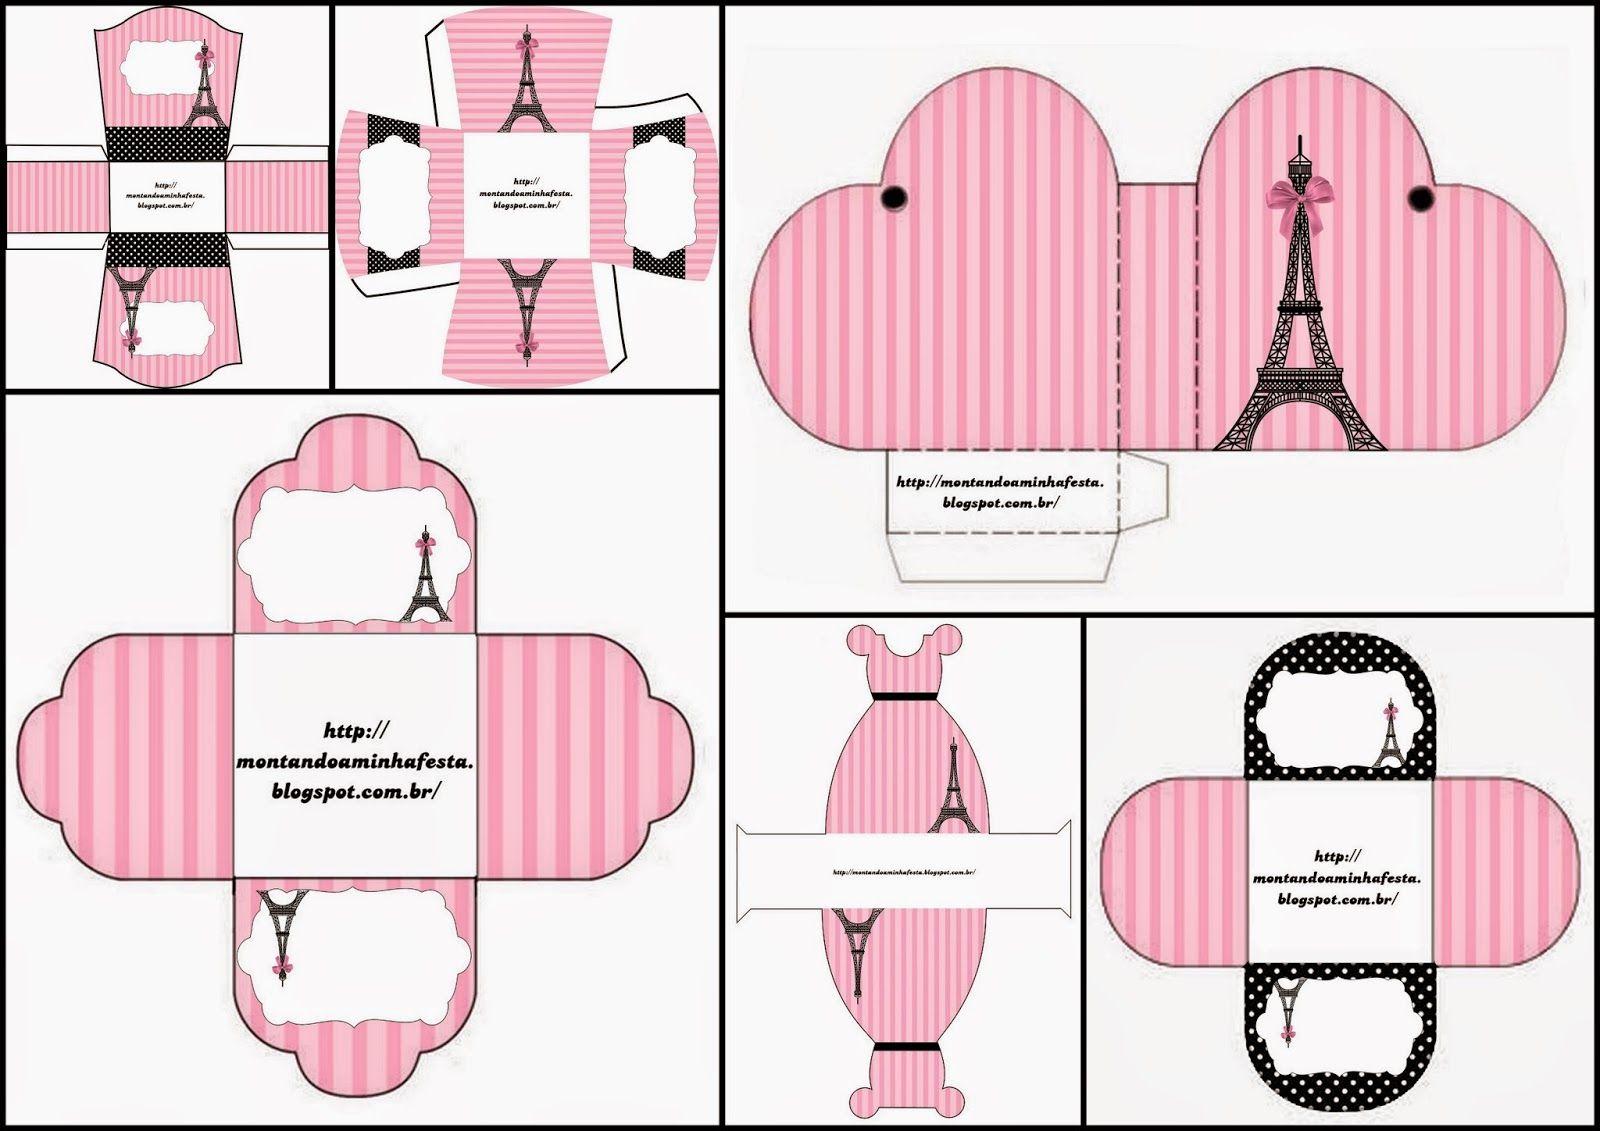 fiesta tematica una noche en paris - Buscar con Google | Proyectos ...